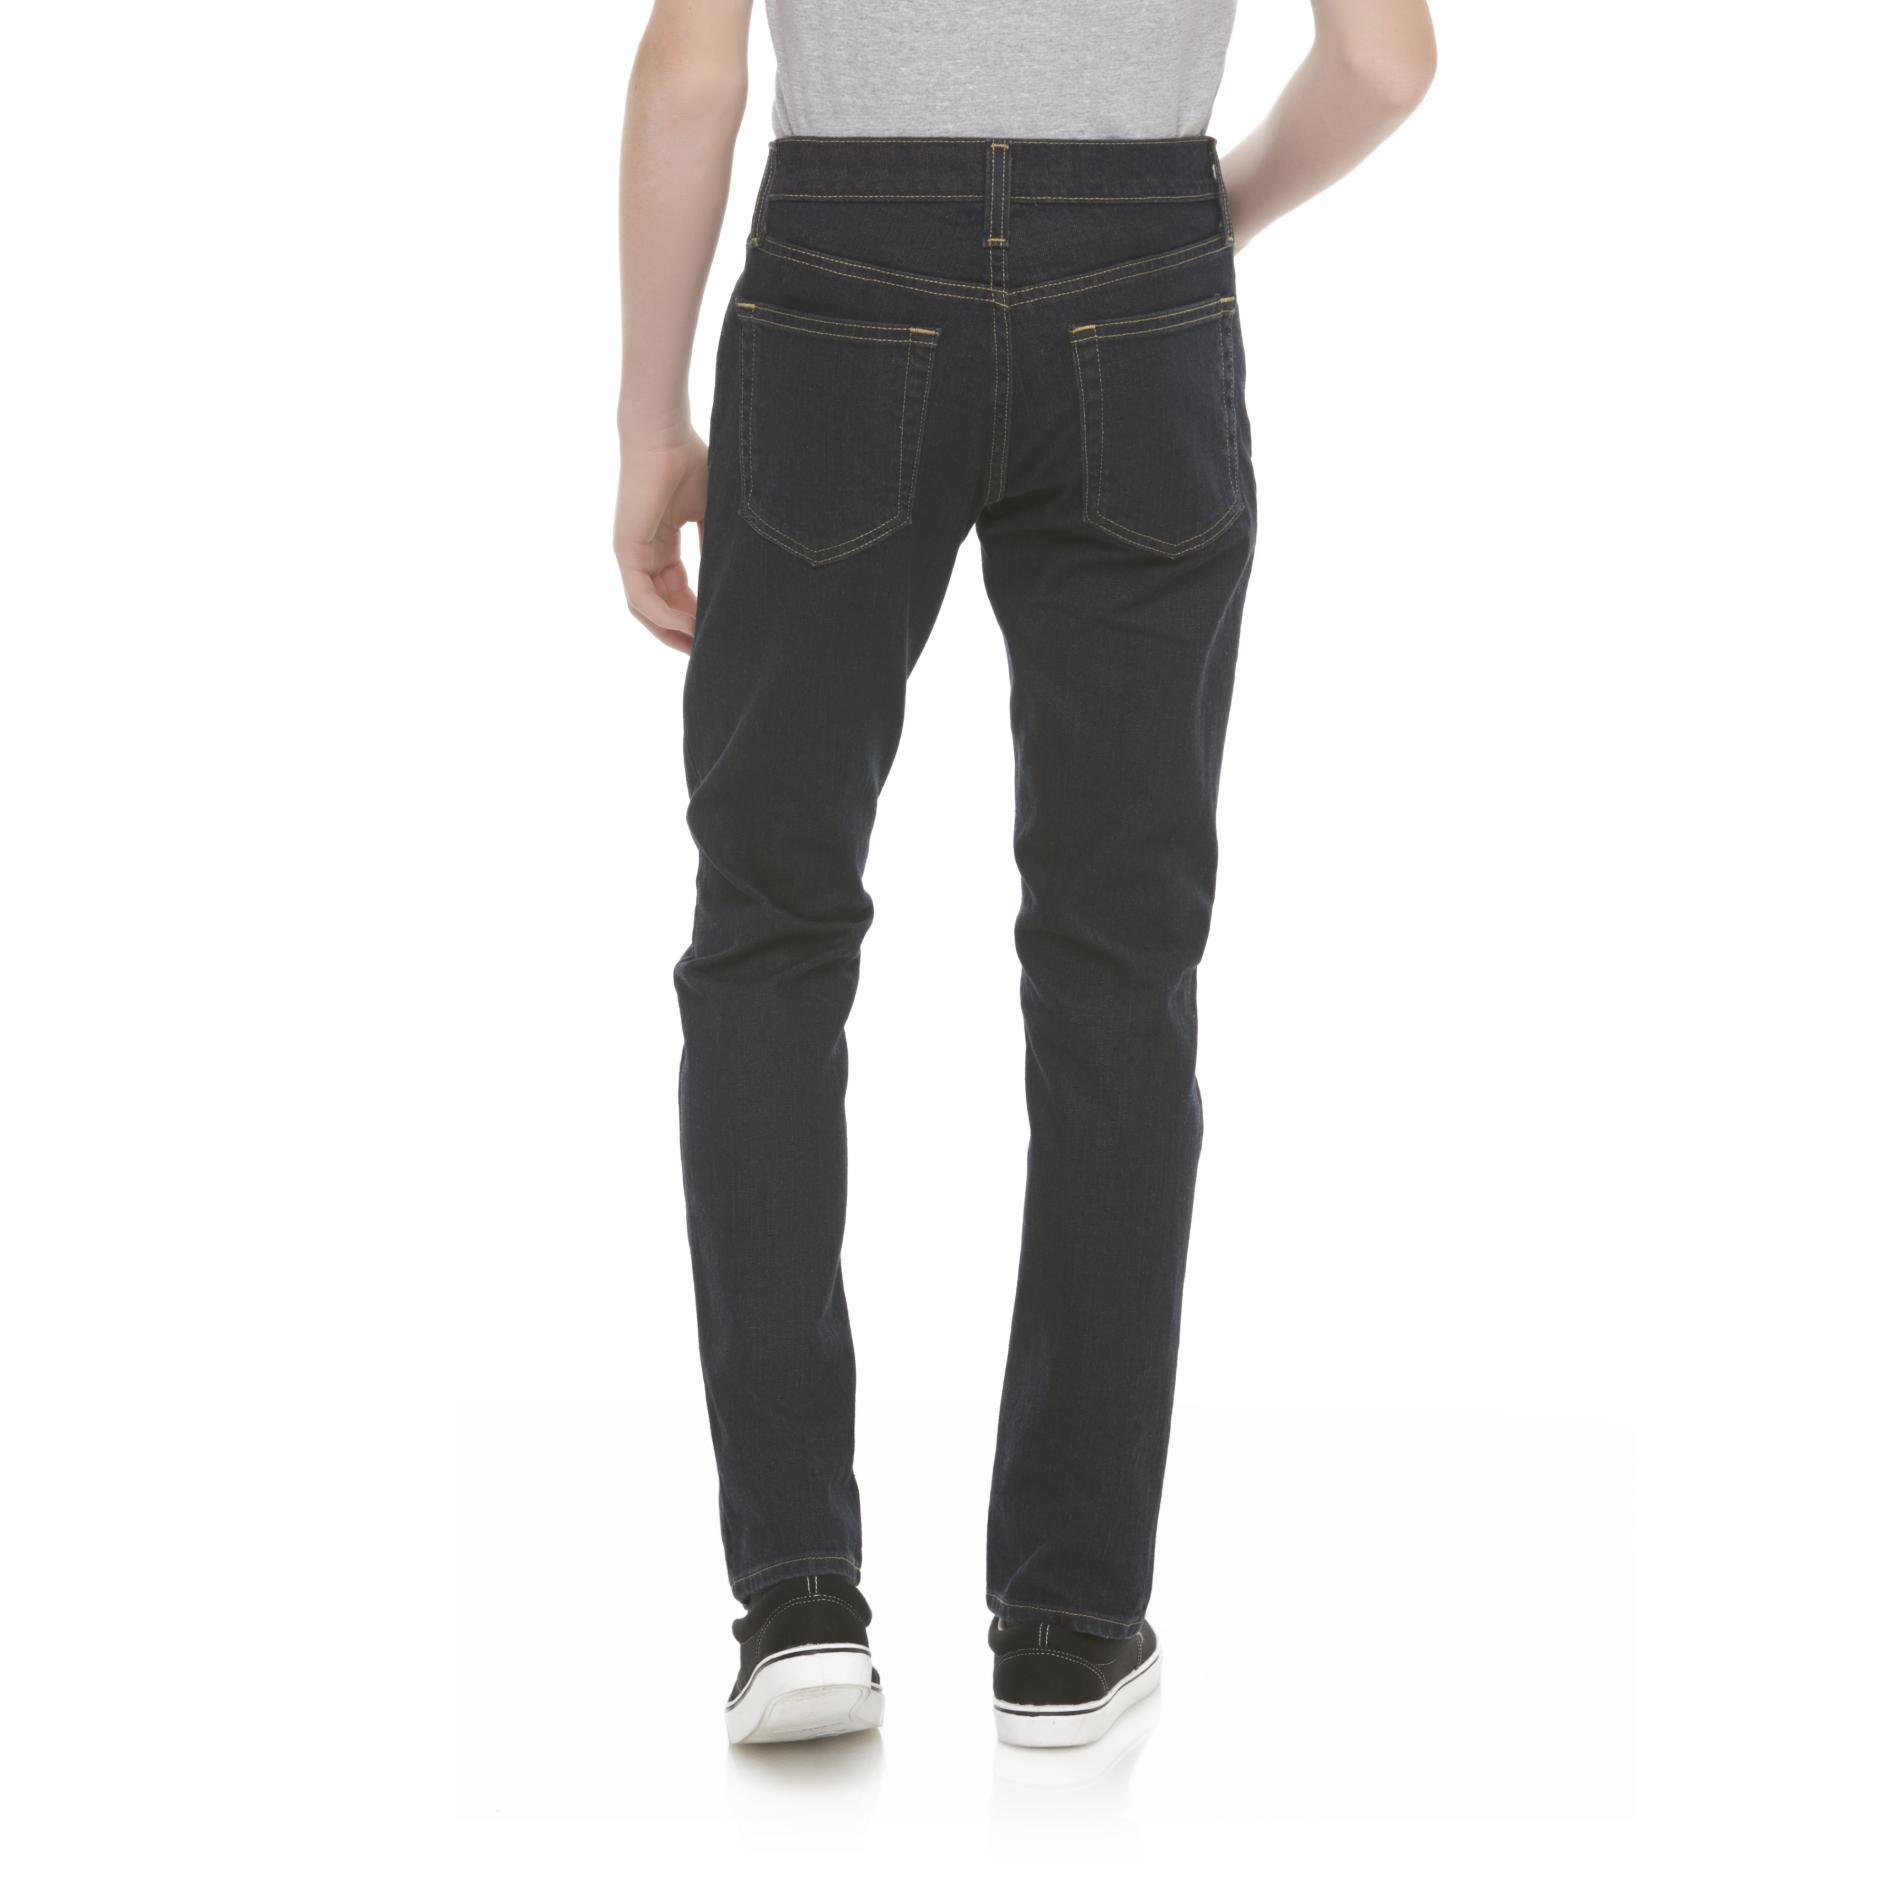 Route 66 Men's Skinny Jeans - Dark Wash